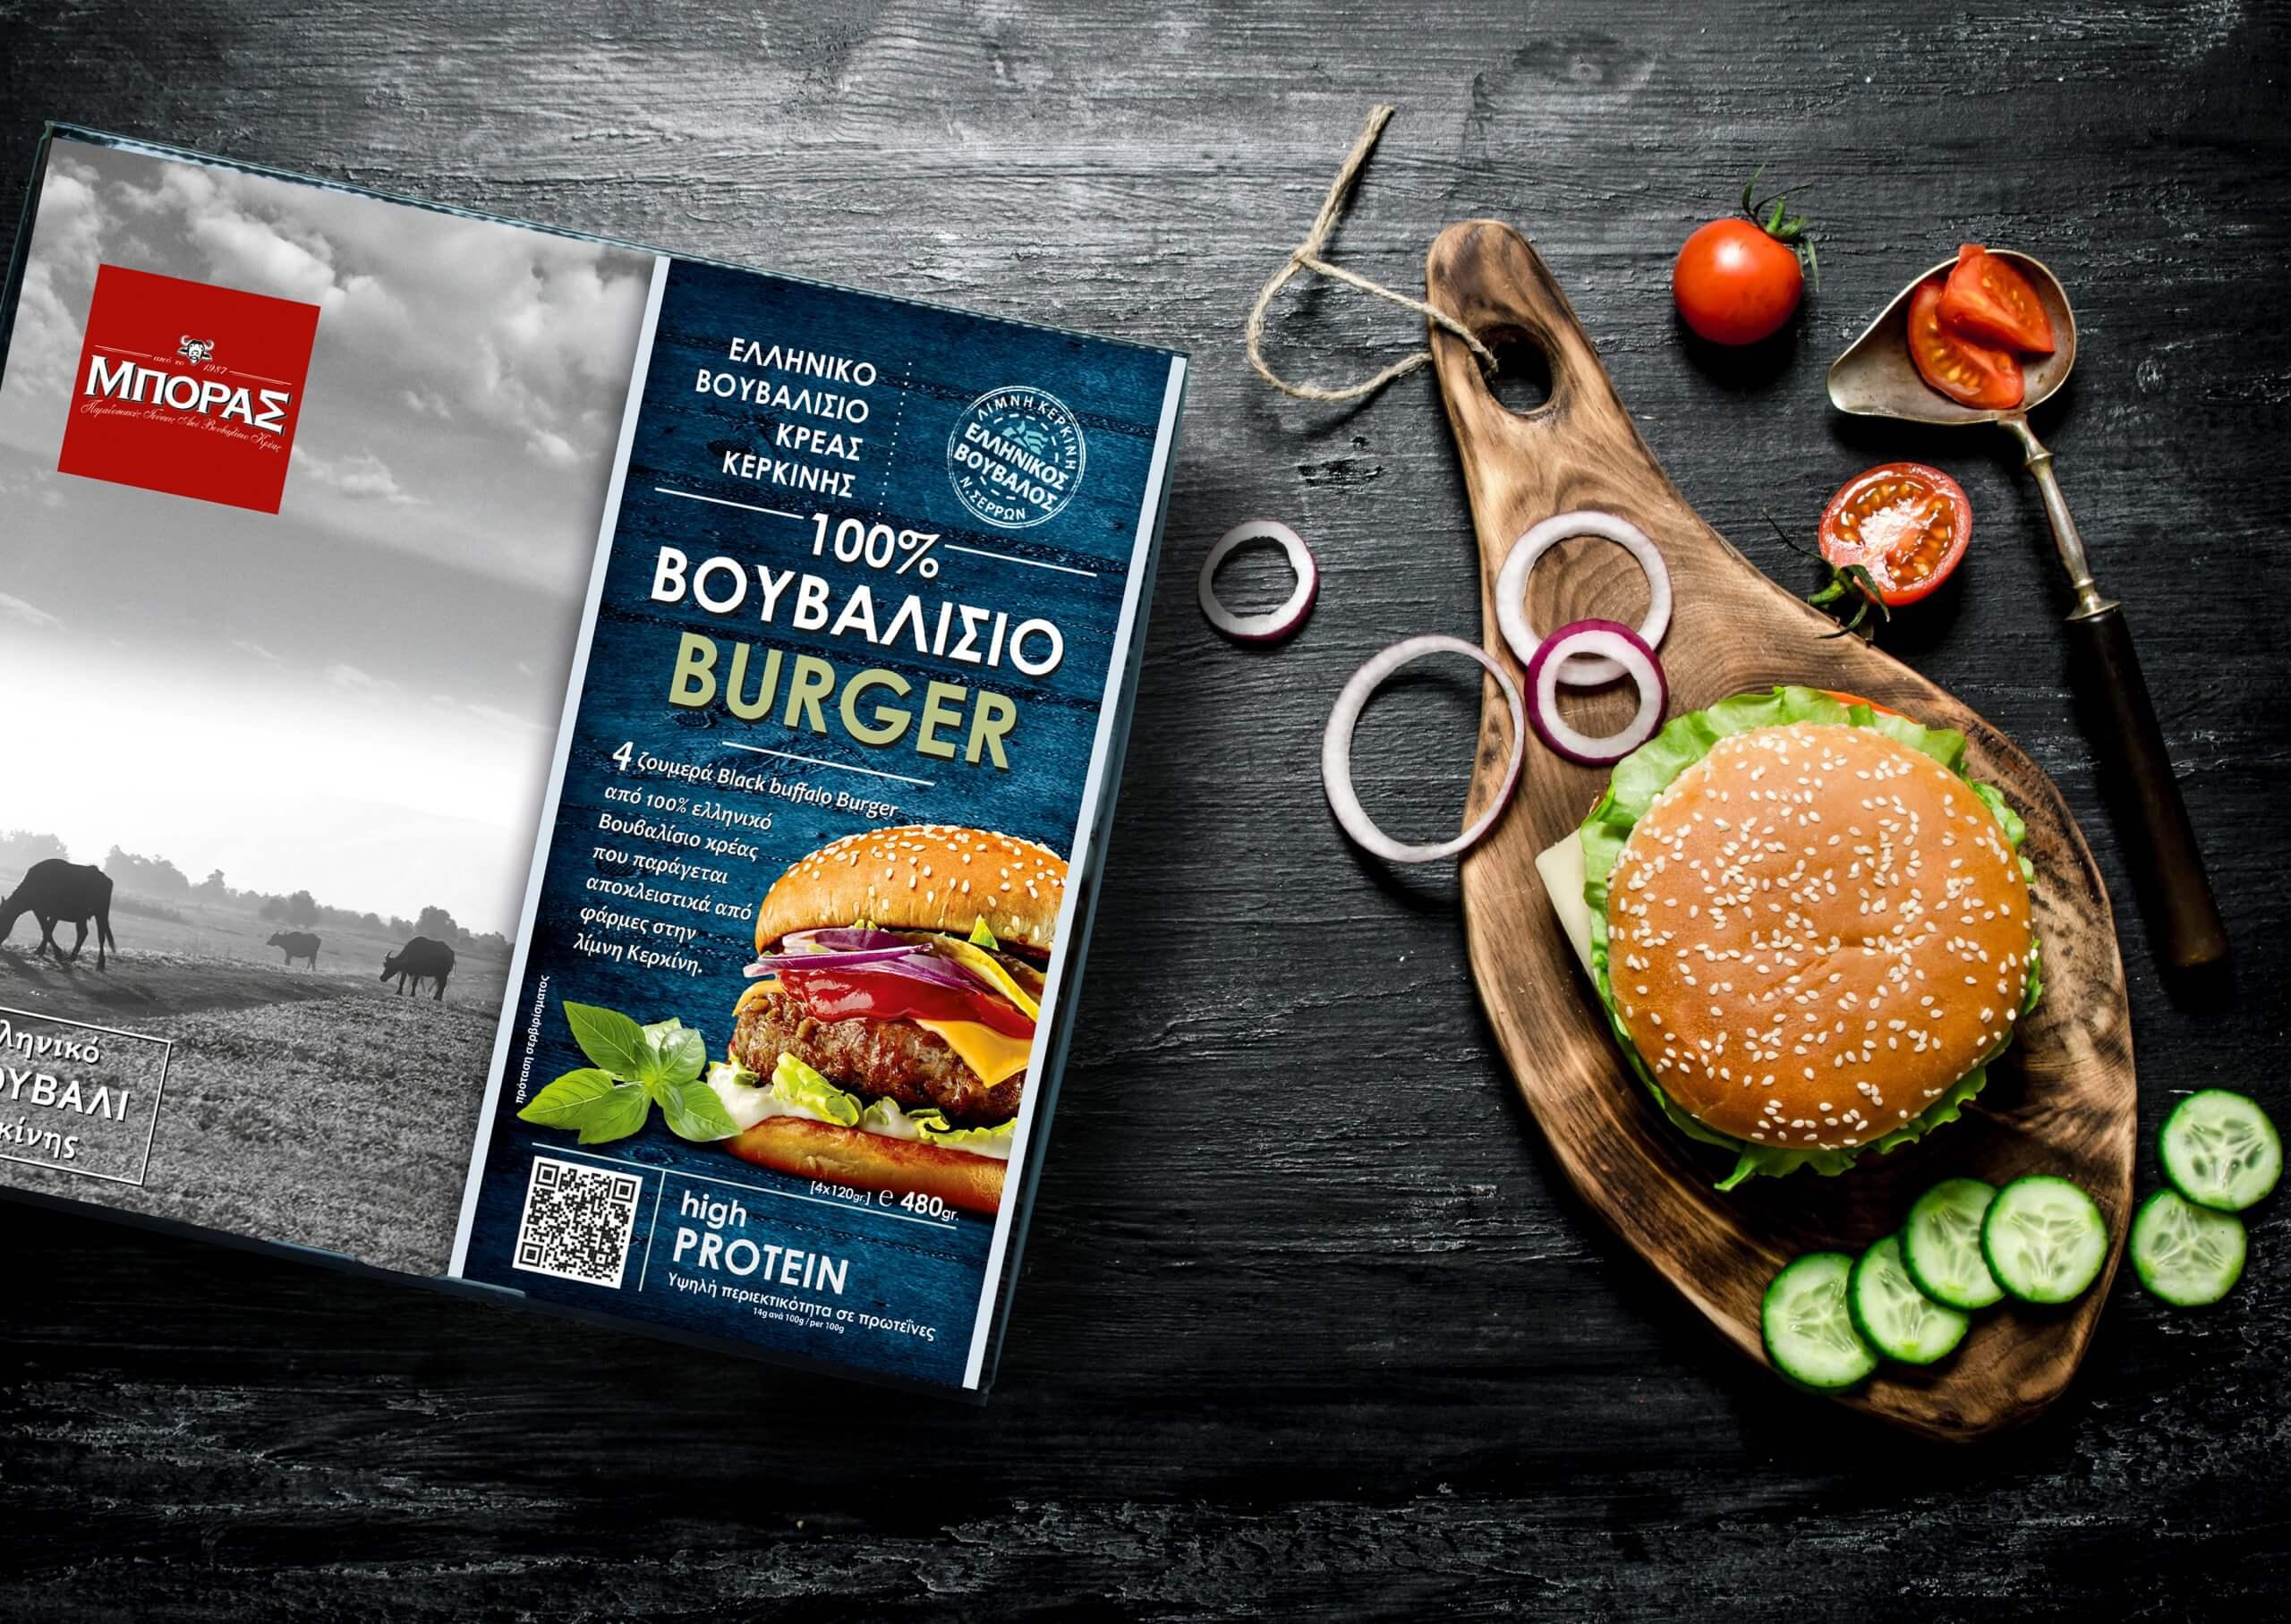 βουβαλίσιο burger με 100% βουβαλίσιο κρέας Κερκίνης ΜΠΟΡΑΣ